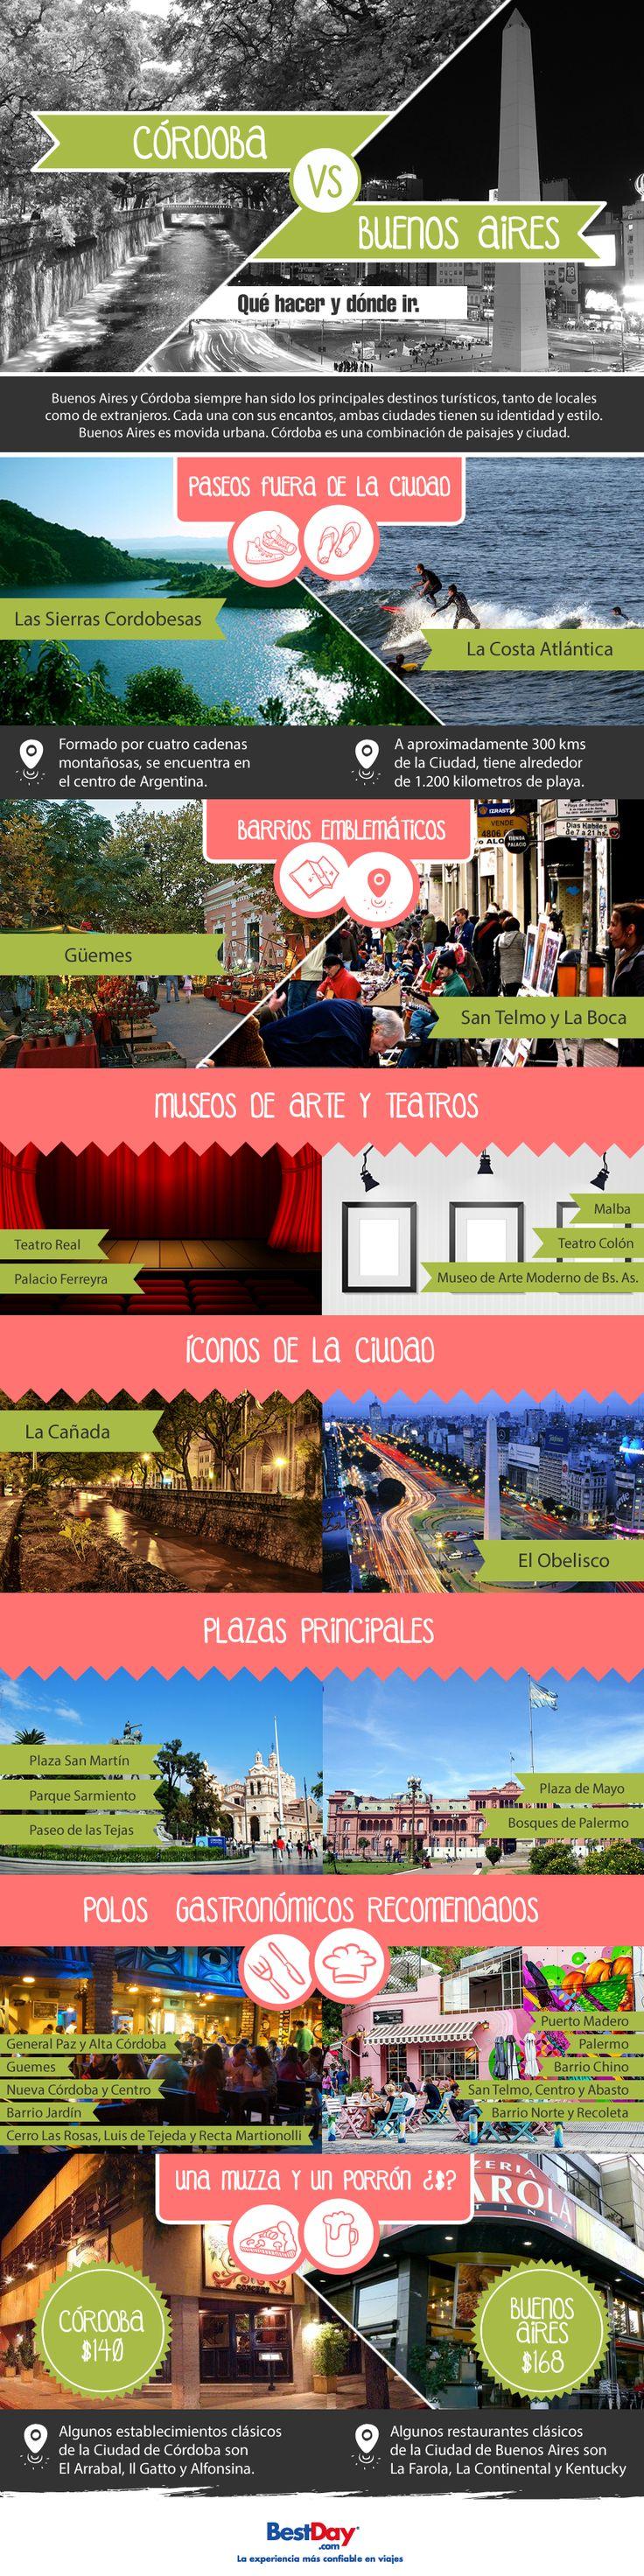 Mucho se habla de Córdoba y de Buenos Aires. Muchos las colocan como las principales contrincantes en terreno del turismo. Pero, ¿Por qué elegir una u otra? Buenos Aires siempre ha sido reconocida en el mundo, pero desde hace unos años, Córdoba también ha estado adquiriendo popularidad internacional. Te invitamos a conocer estas dos hermosas ciudades argentinas. Viajá con Aerolíneas Argentinas por este hermoso país. + info: http://www.bestday.com.ar/Vuelos/Aerolineas-Argentinas/Pasajes/